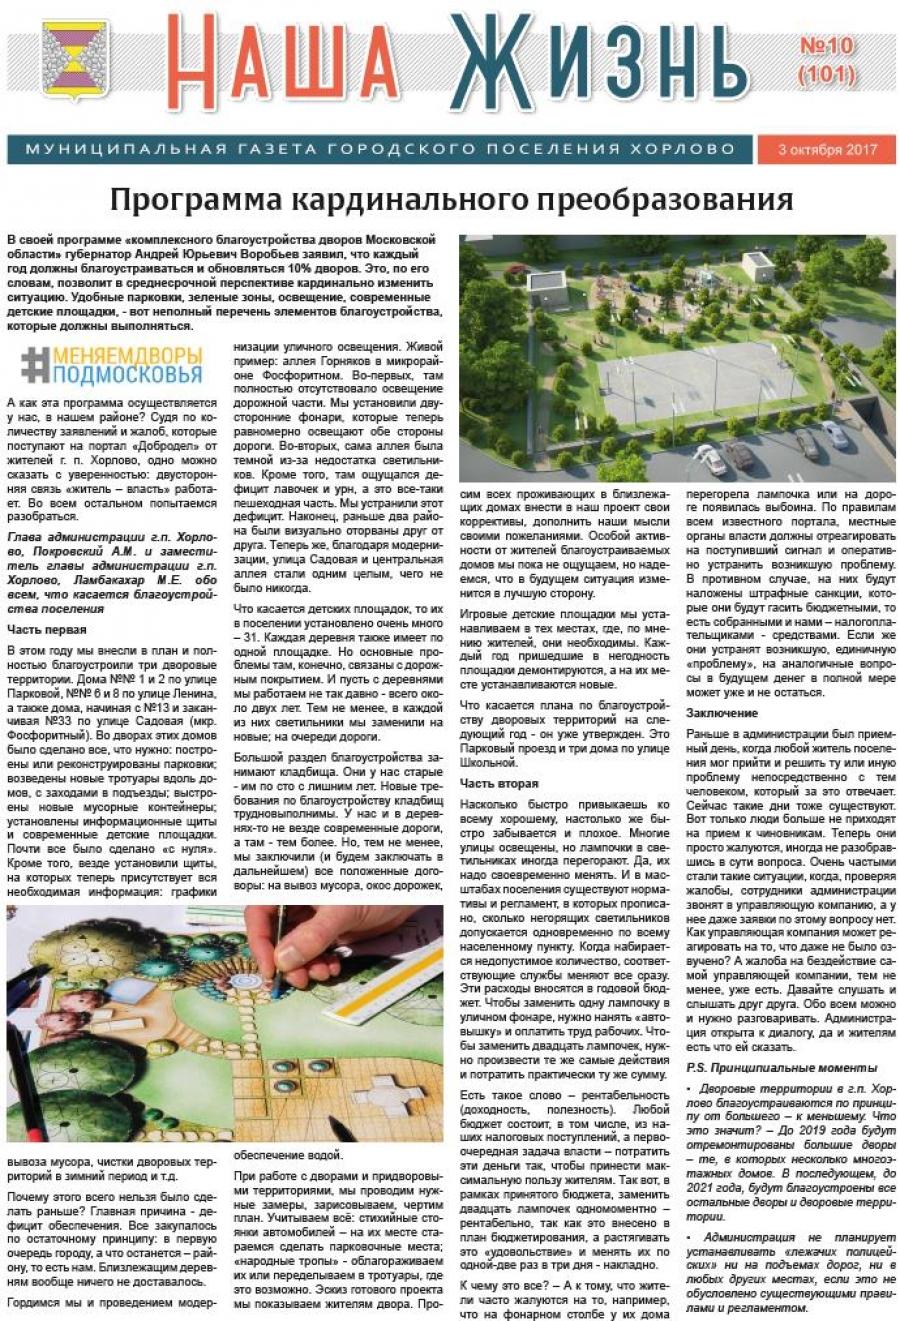 """Газета """"Наша жизнь"""" - 3 октября 2017 года"""